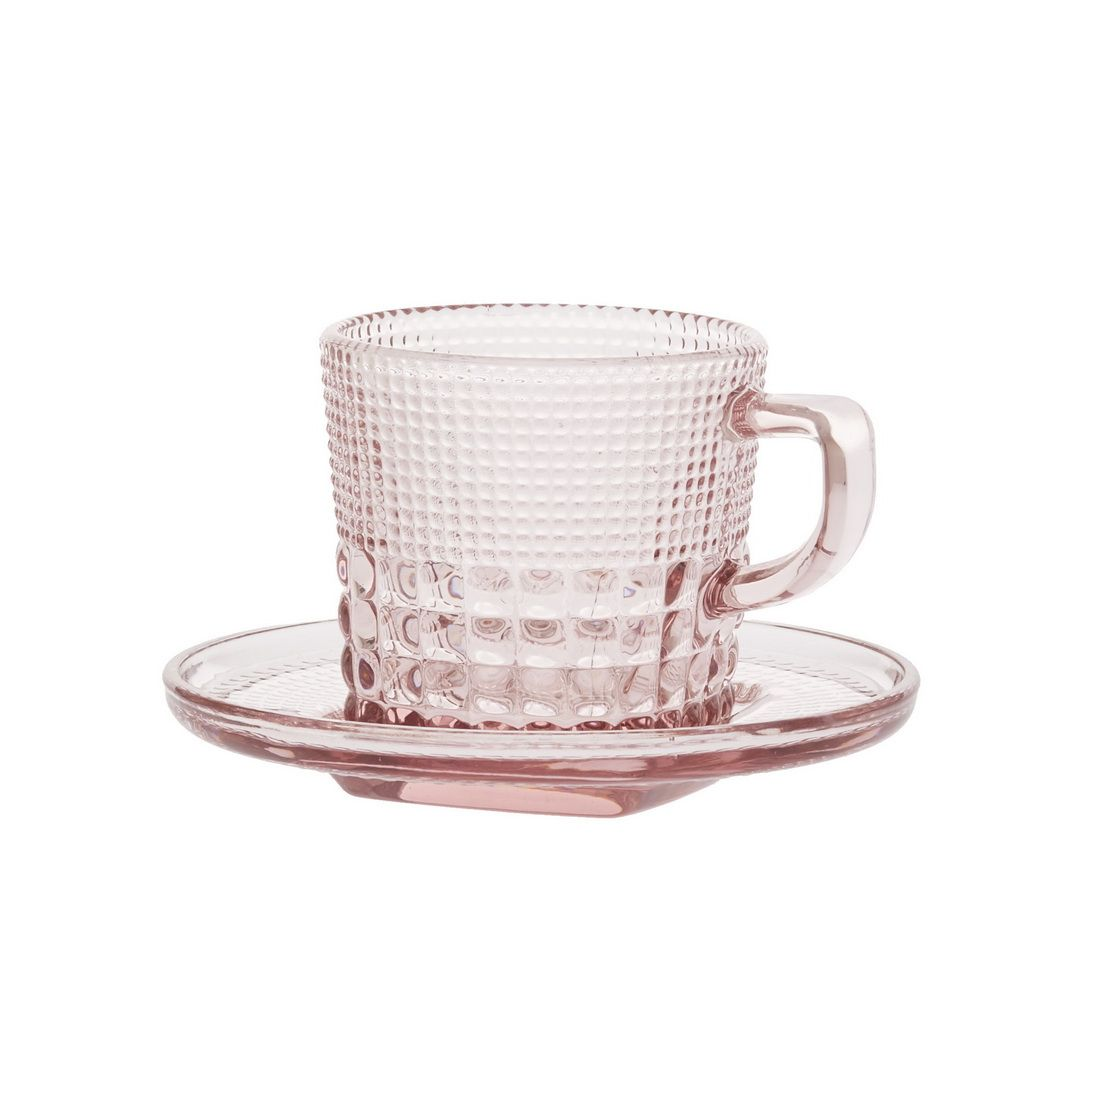 Купить со скидкой Чашка с блюдцем кофейная Royal drops